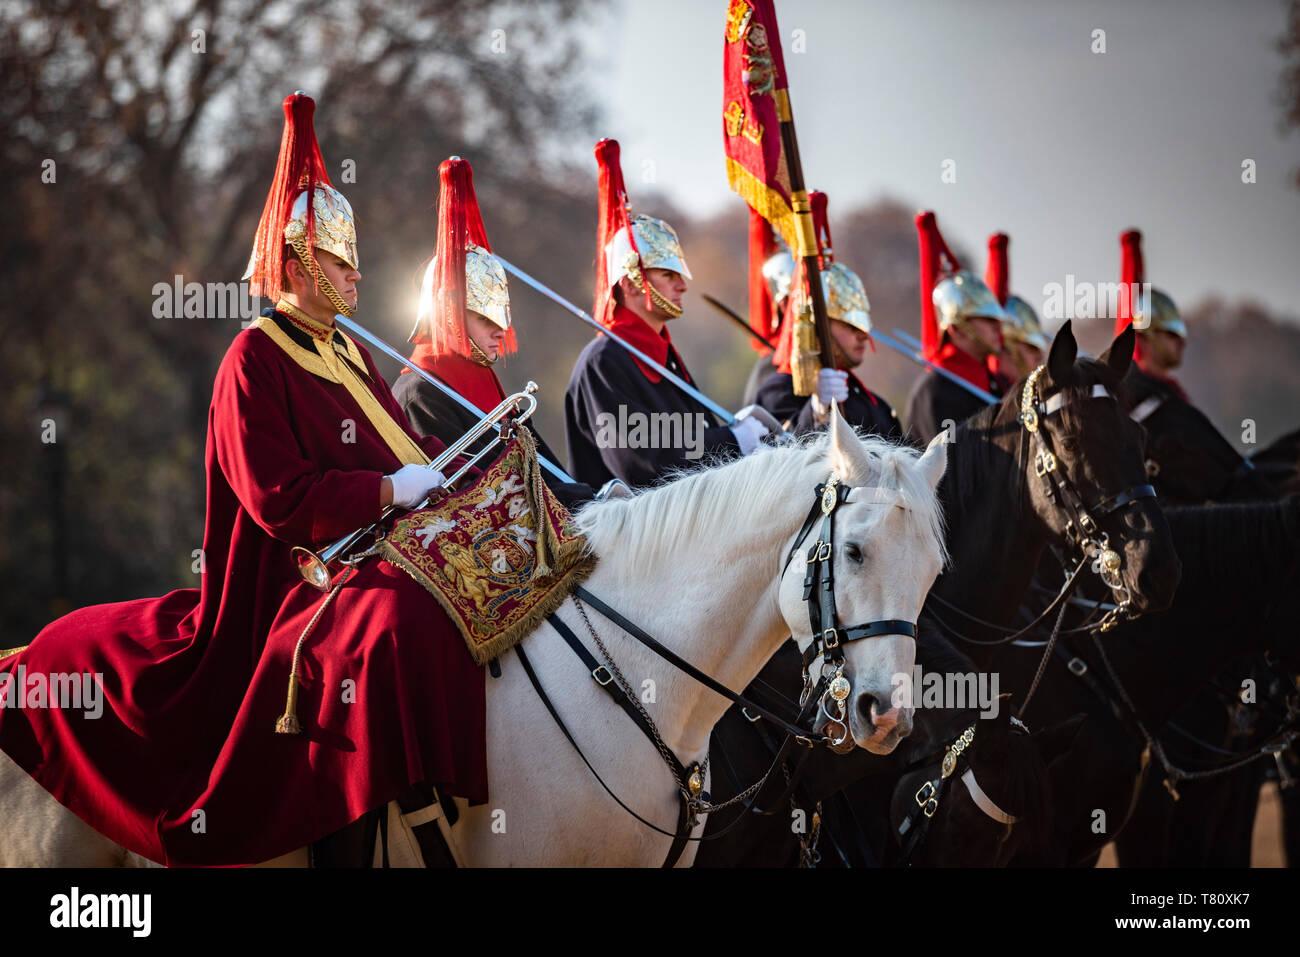 Relève de la garde, Horse Guards, Westminster, Londres, Angleterre, Royaume-Uni, Europe Banque D'Images